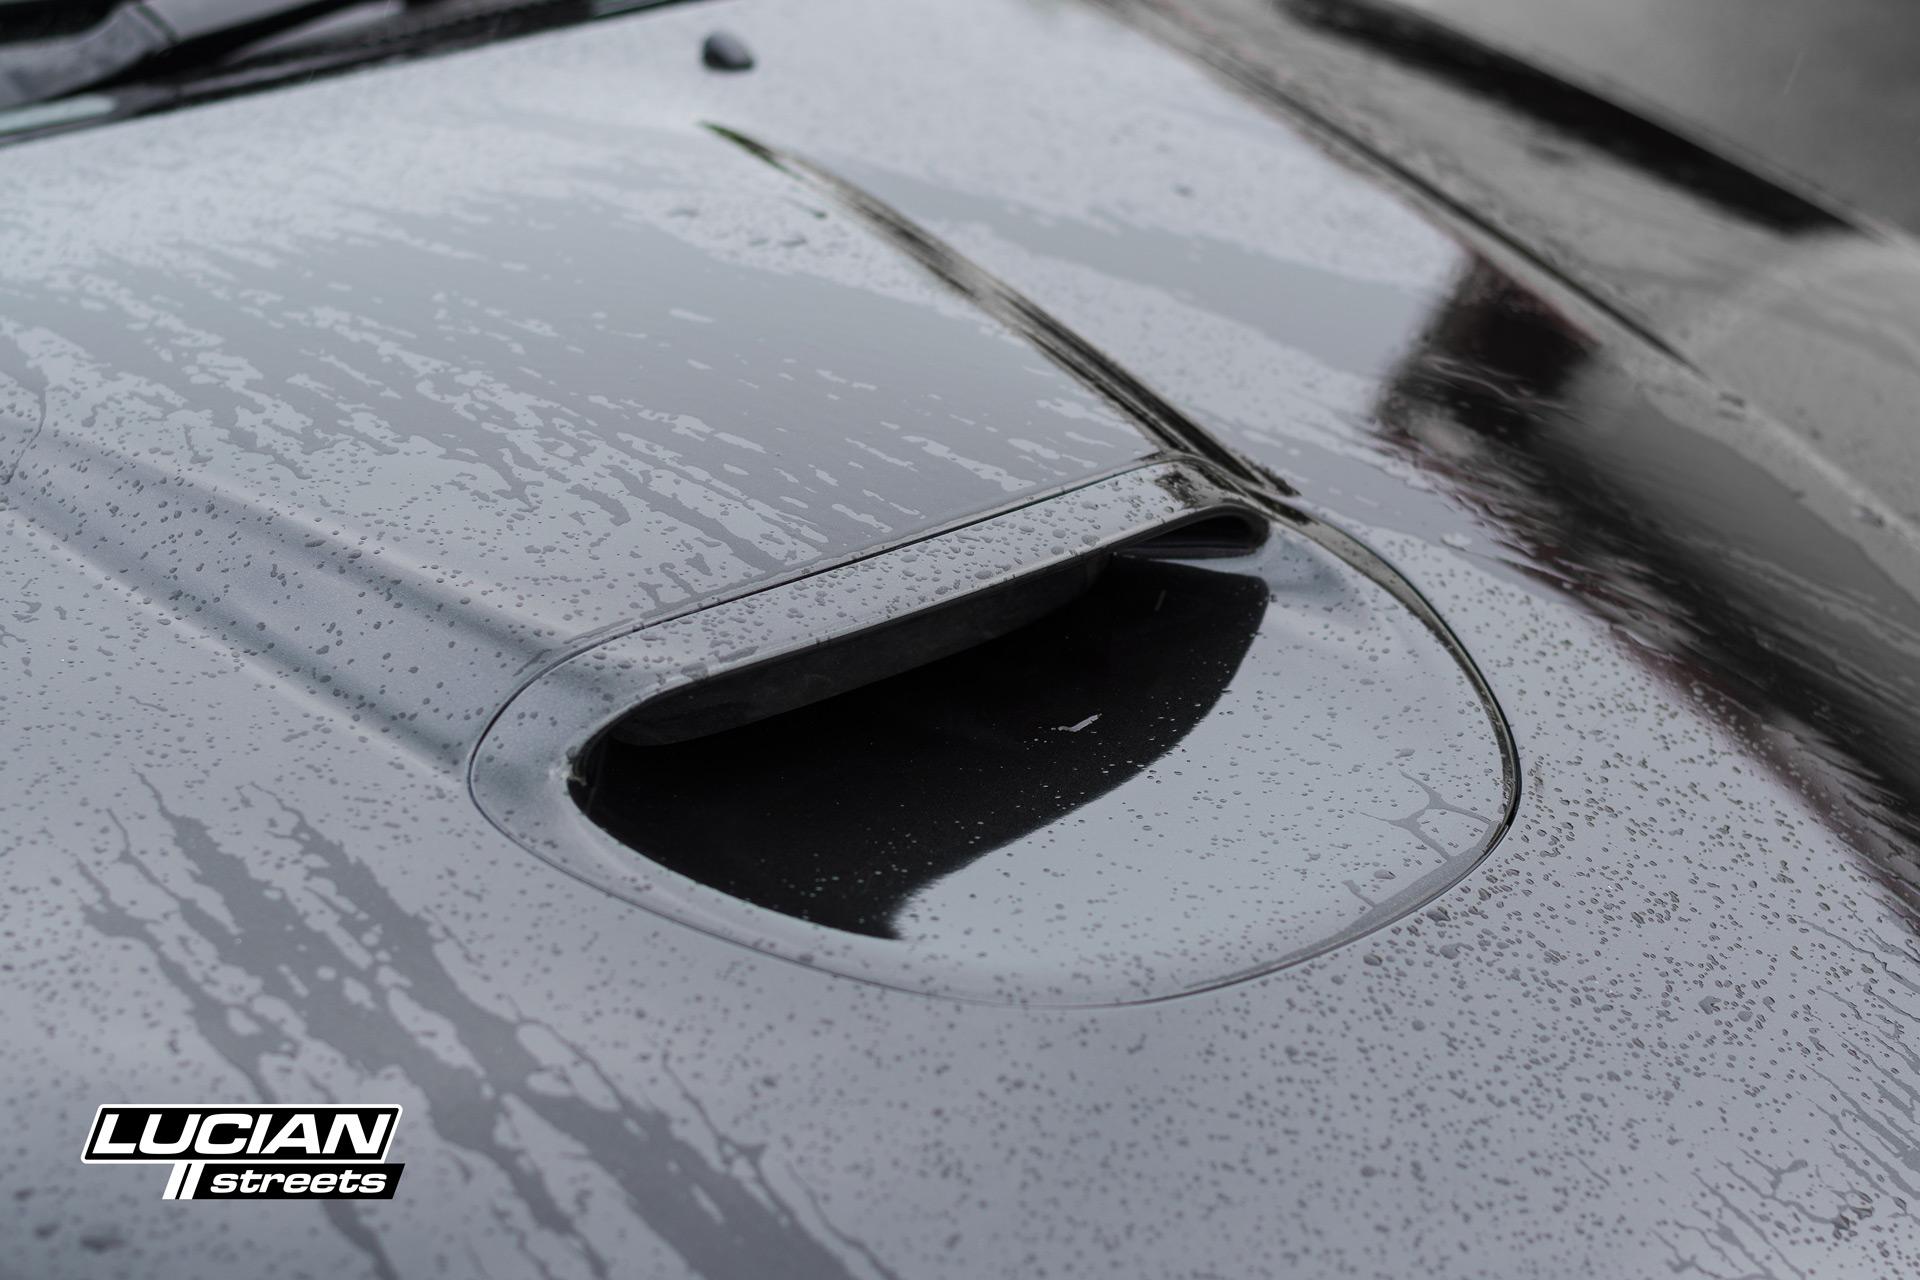 LS-Valence-ToyotaStarletGT-7.jpg